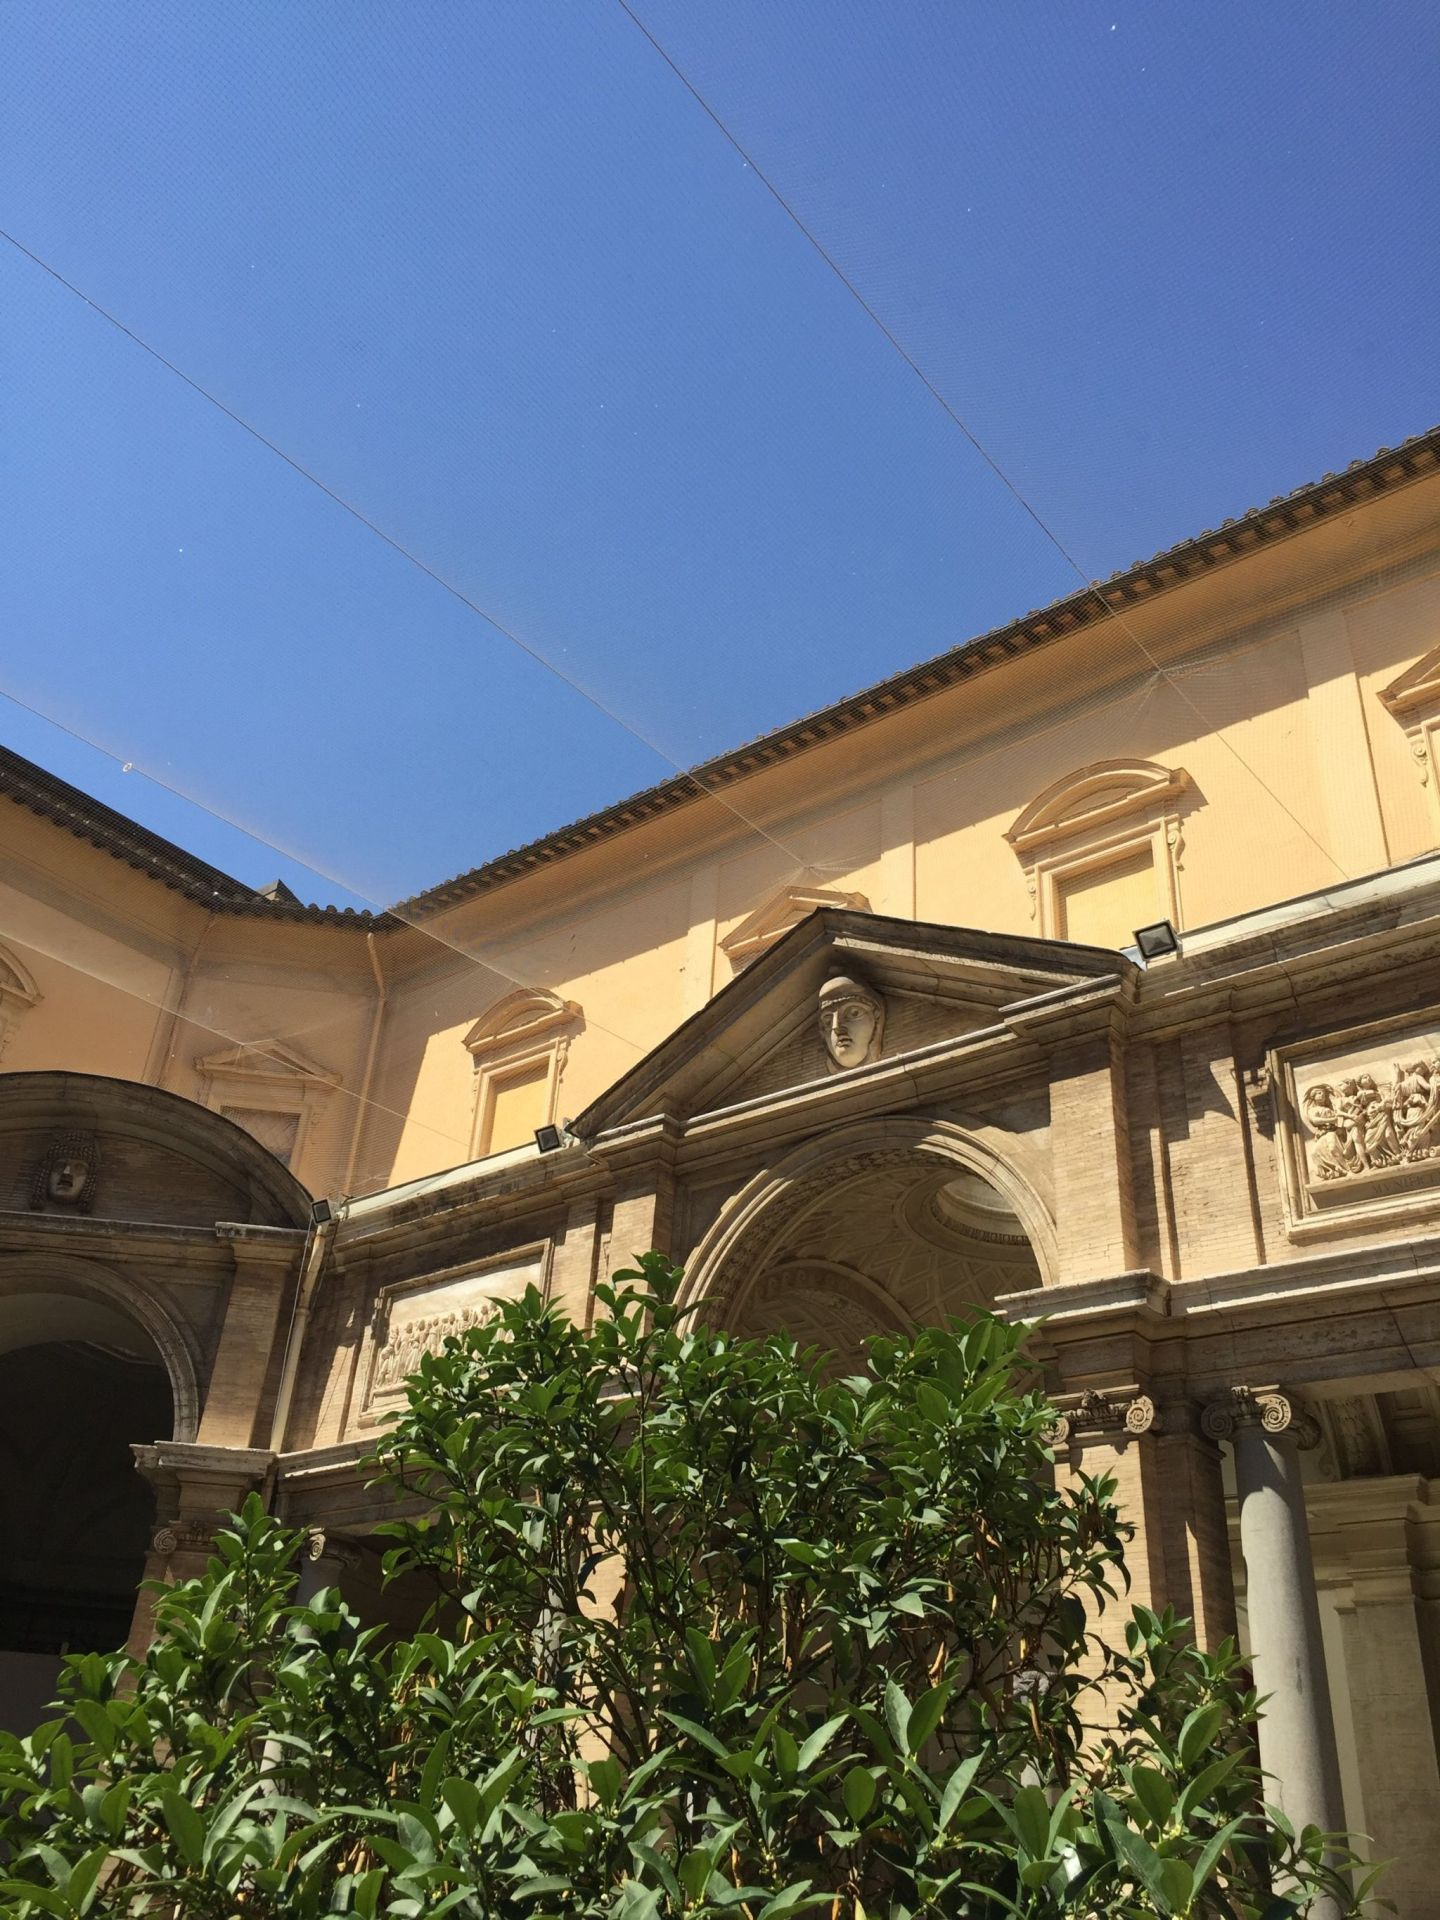 Courtyard in Vatican City